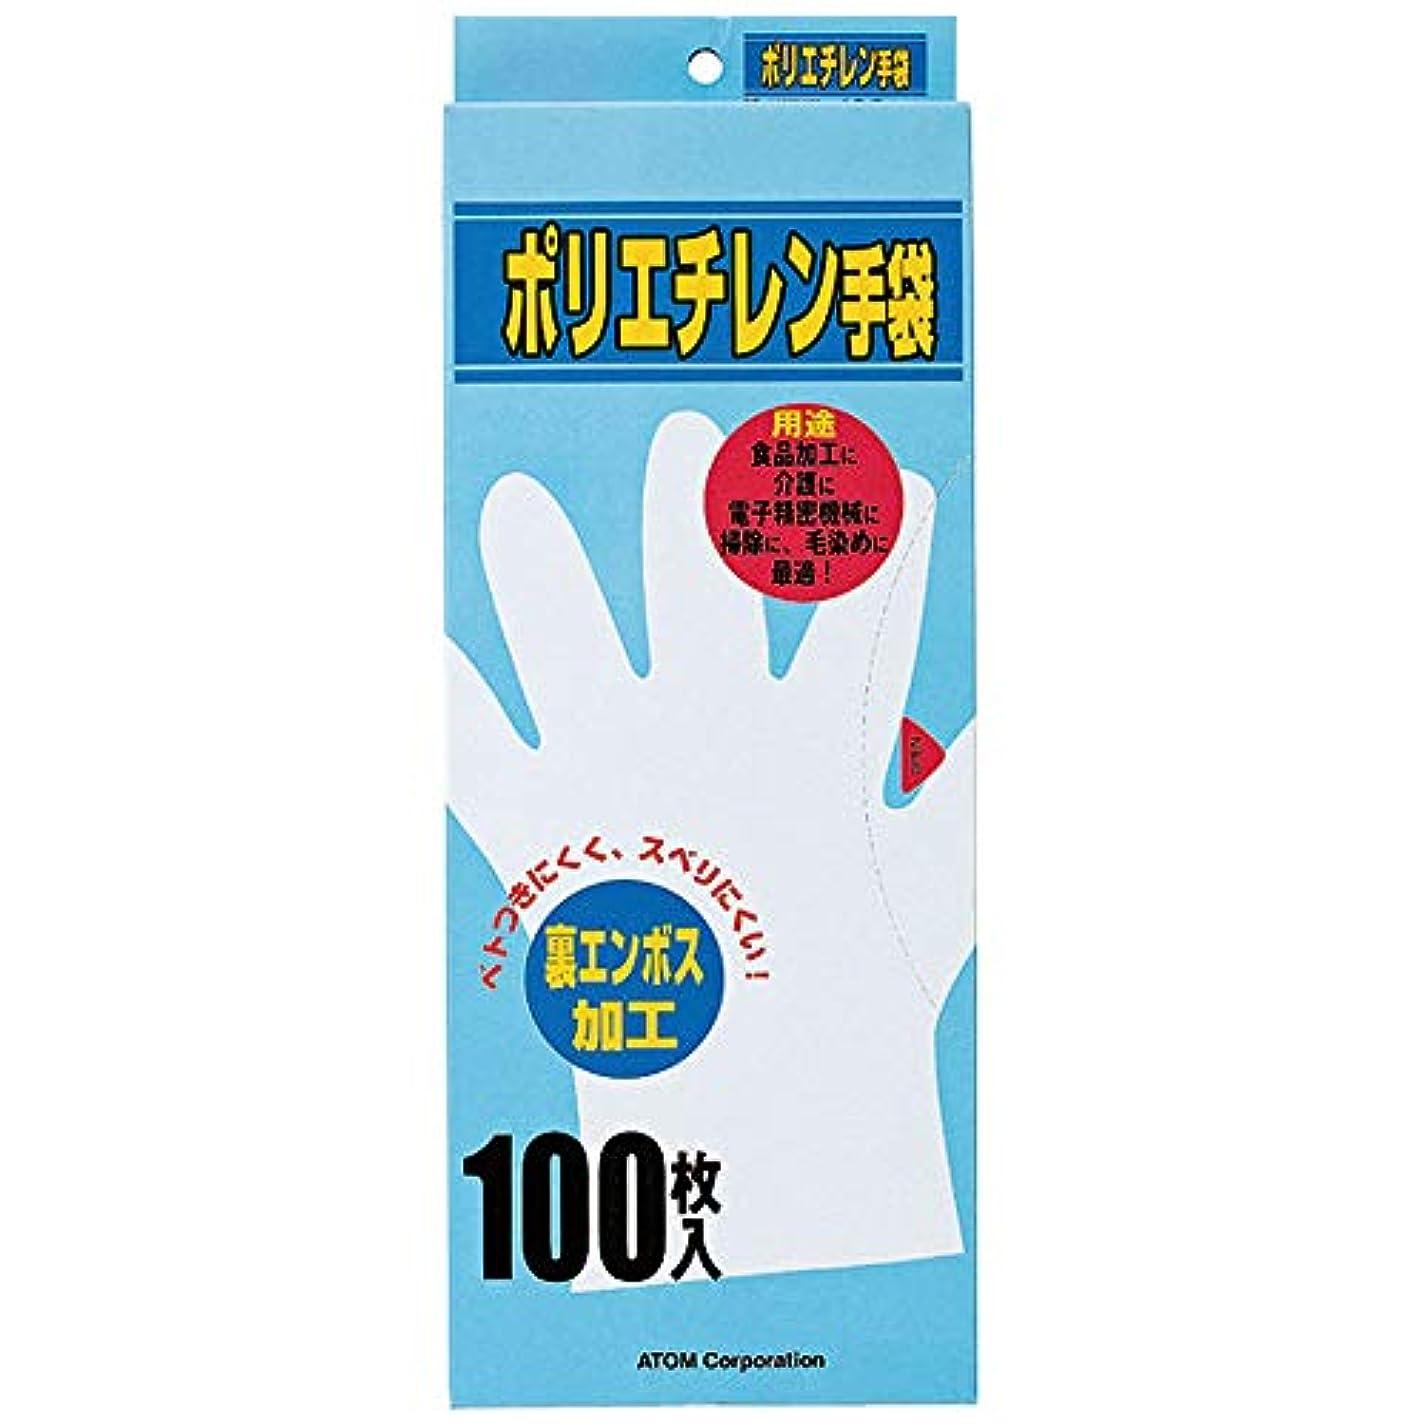 イタリック戦う責アトム ポリエチレン手袋 1720-100-S 5箱(500枚)